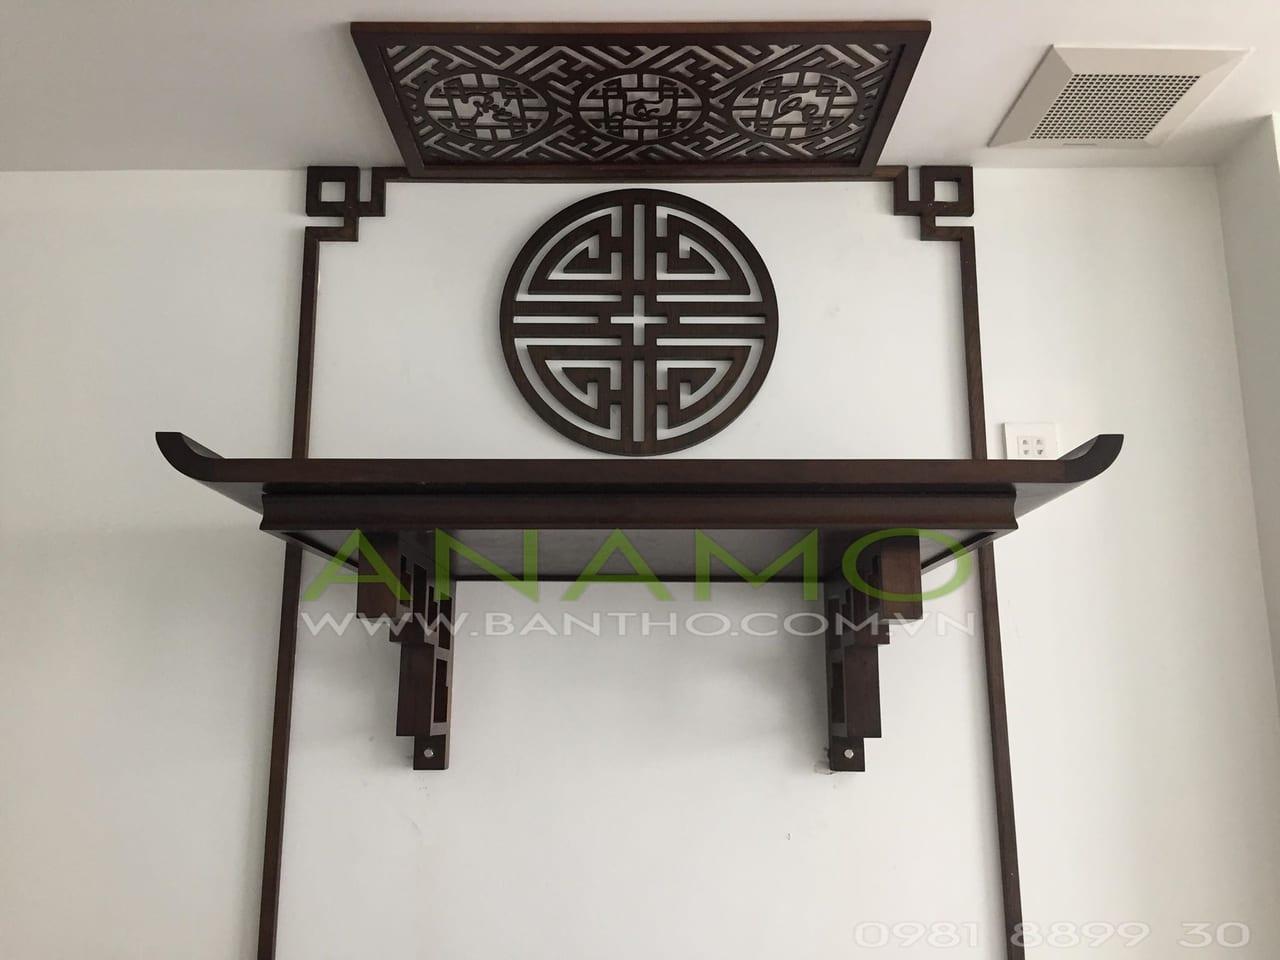 thiết kế bàn thờ treo tường phong cách ANAMO